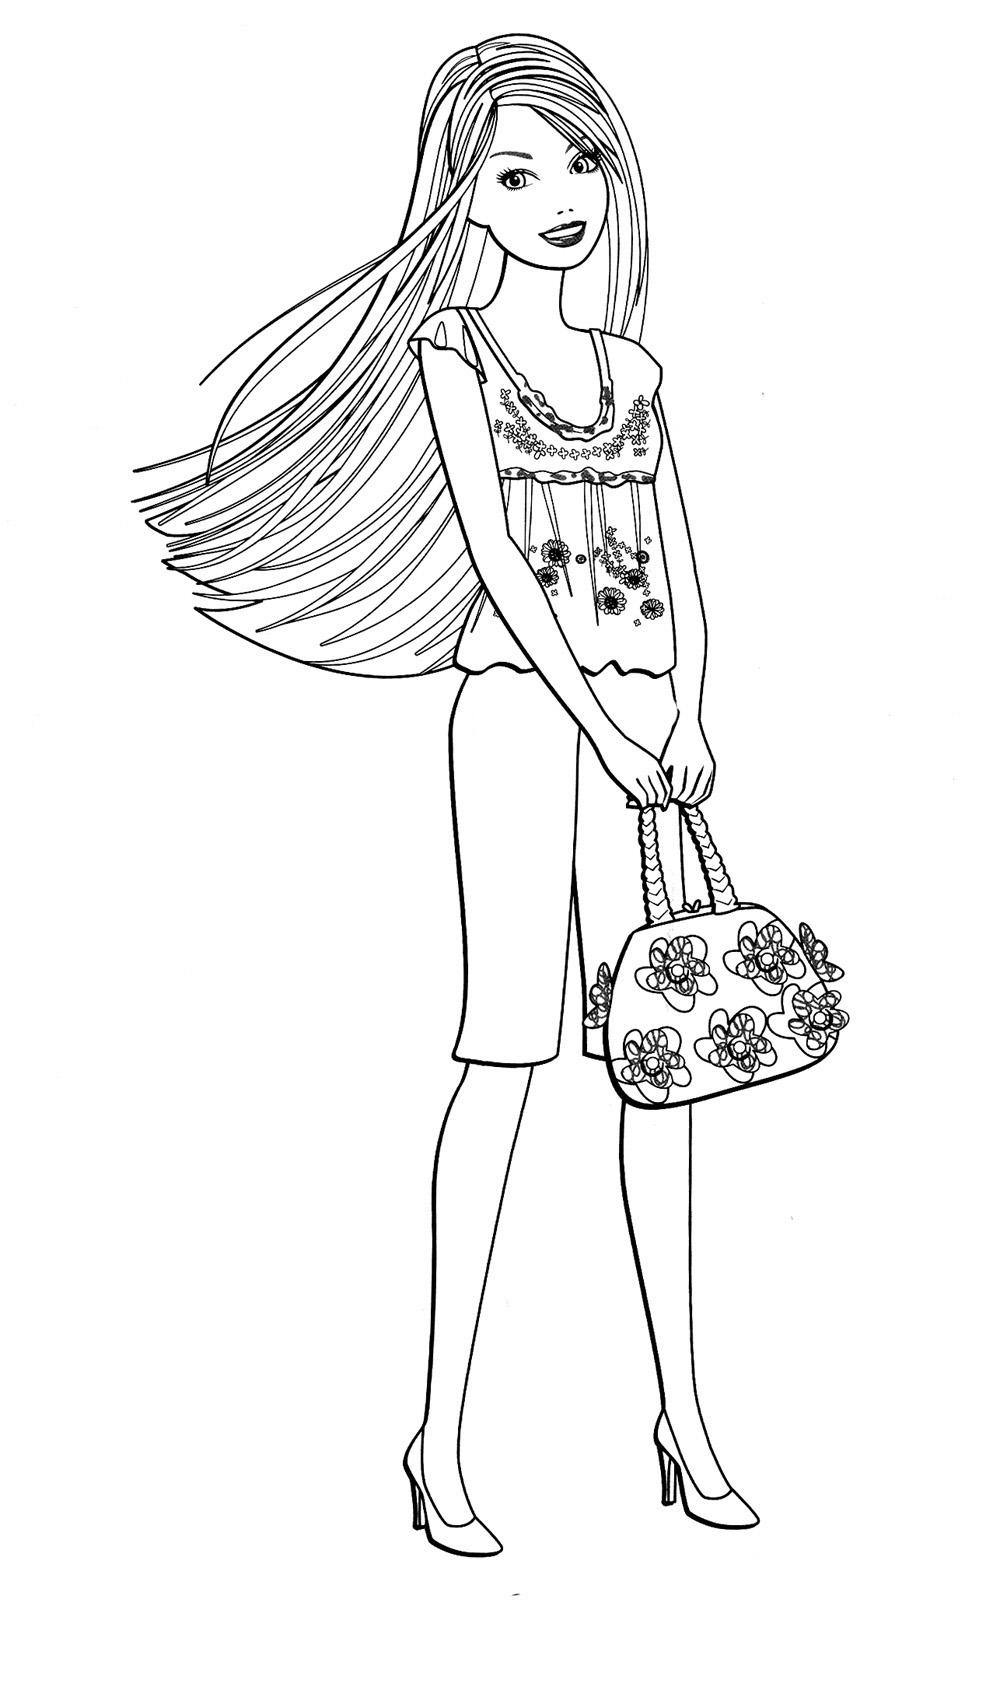 Барби с сумочкой с цветами Раскраски для девочек бесплатно